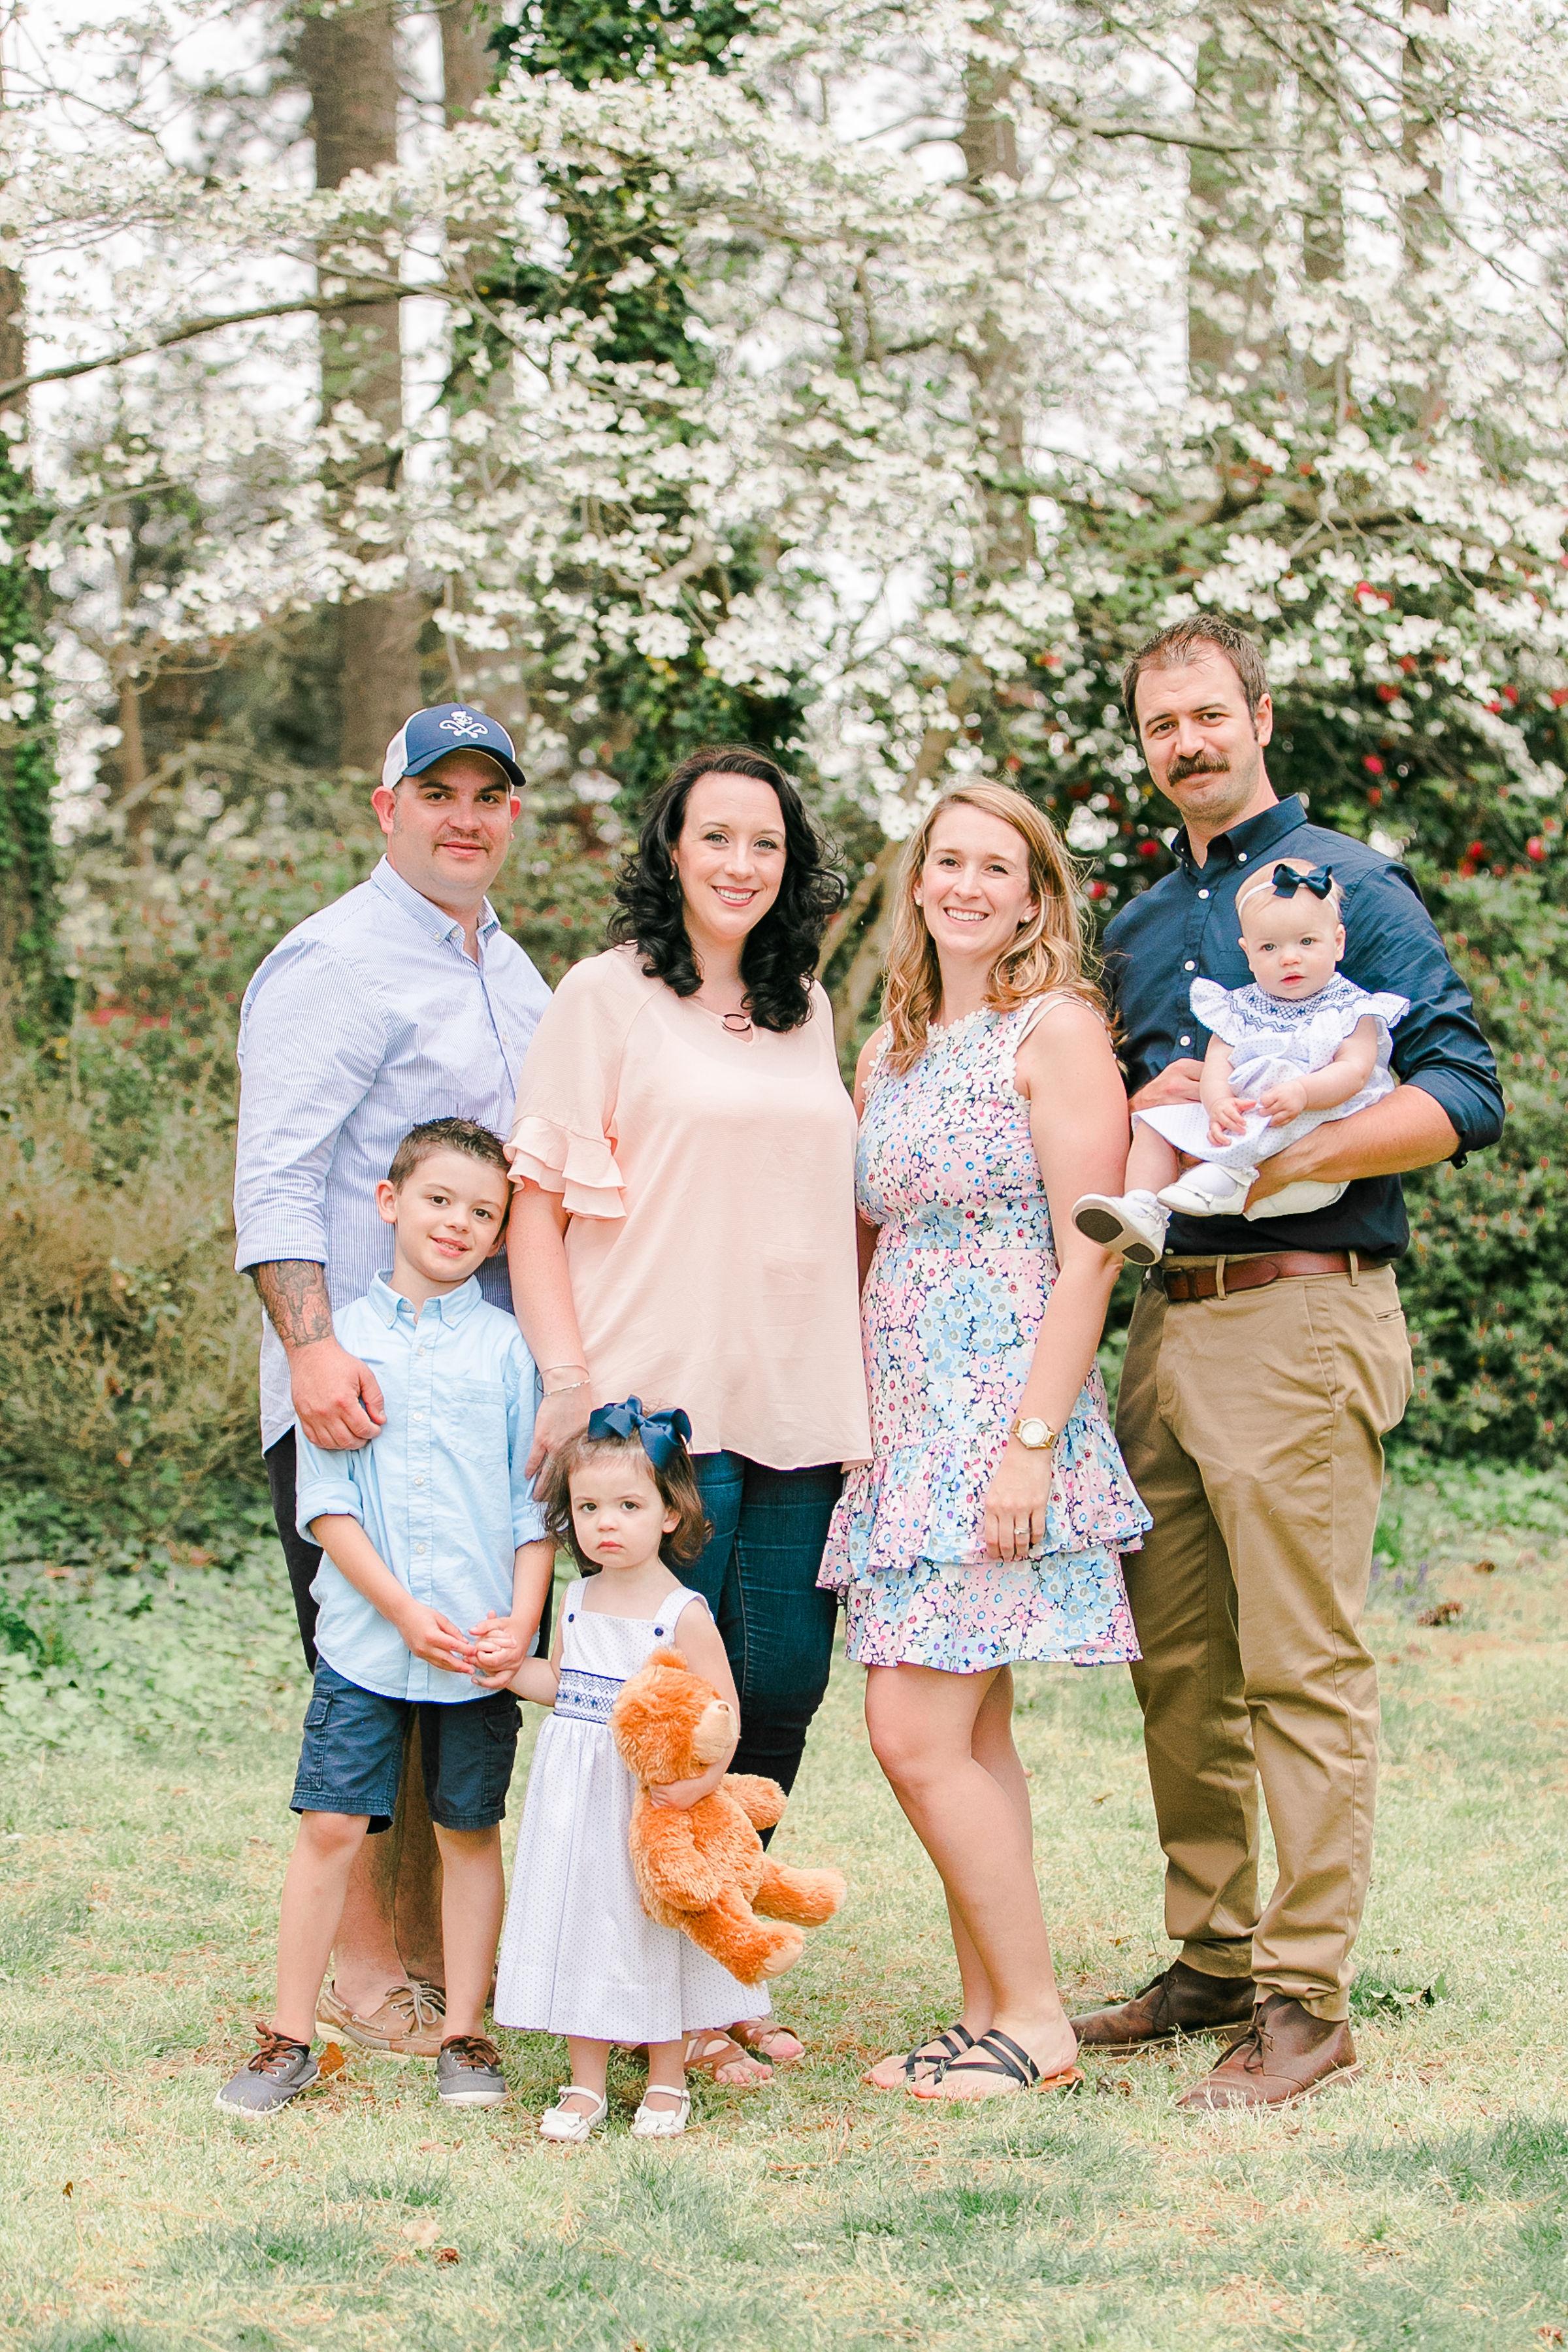 Hoover-Family-Extended-340.jpg